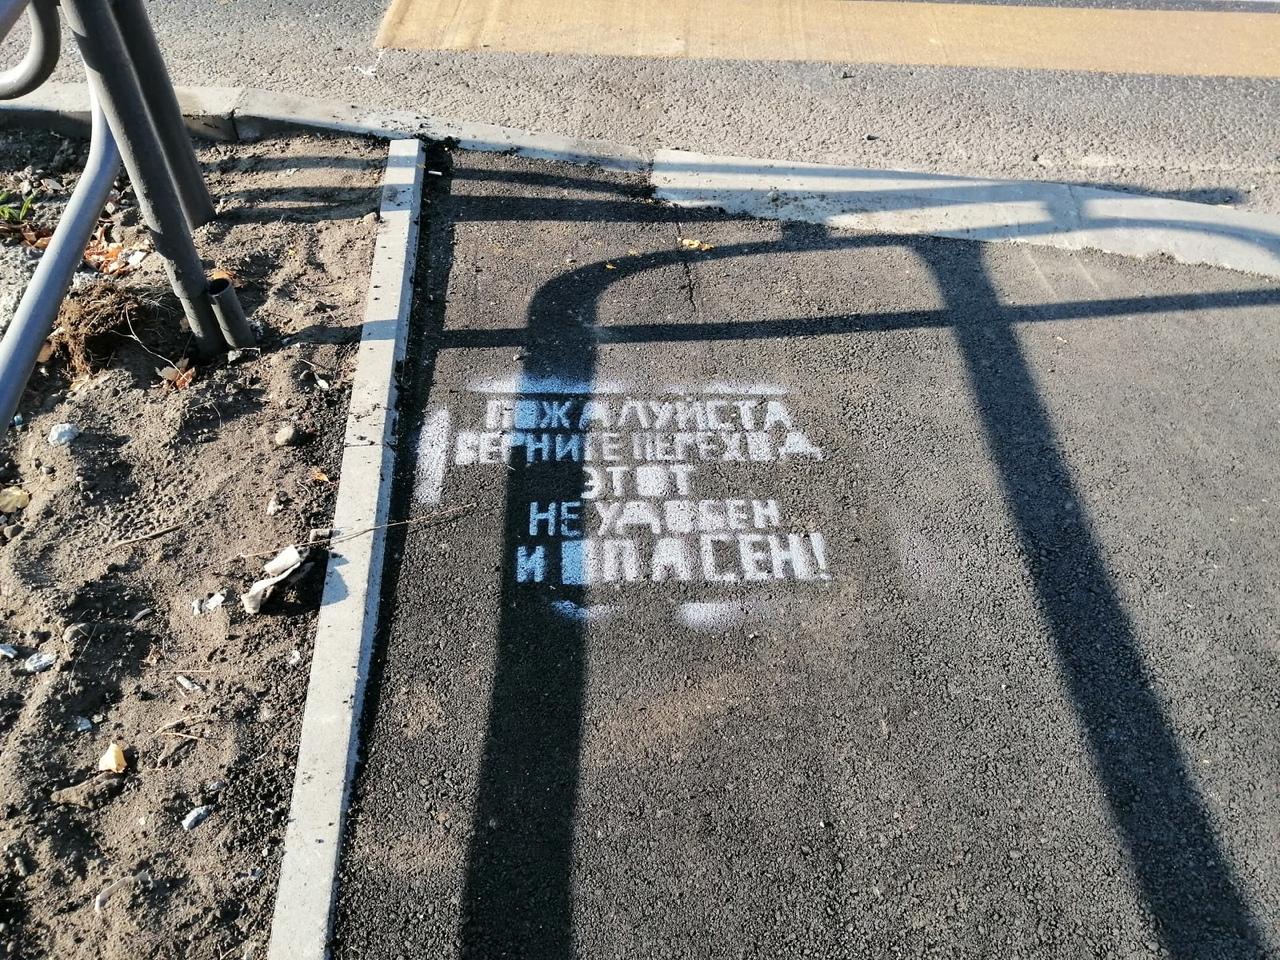 Жители Заозерного, недовольные новым пешеходным переходом, оставили властям послание на асфальте